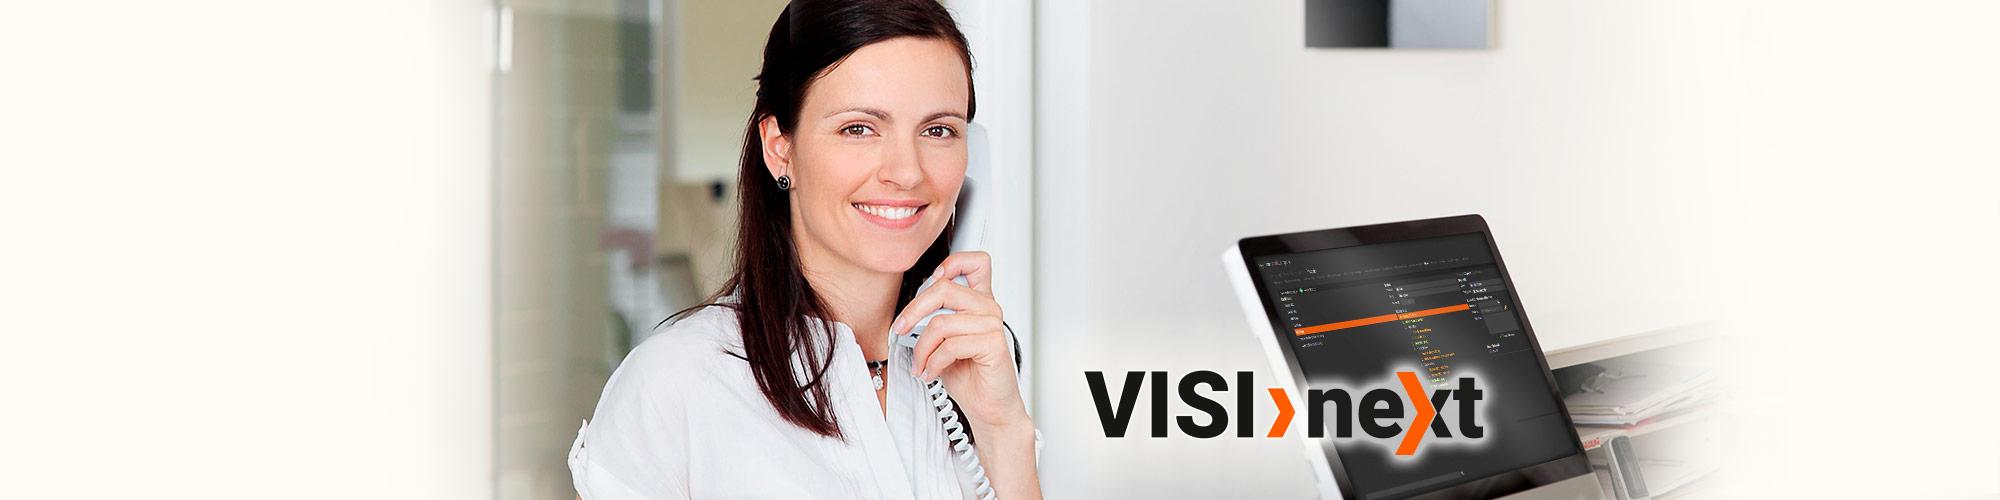 VISInext für Praxismanagerin - NEXT Prozessketten - BDV Branchen-Daten-Verarbeitung GmbH